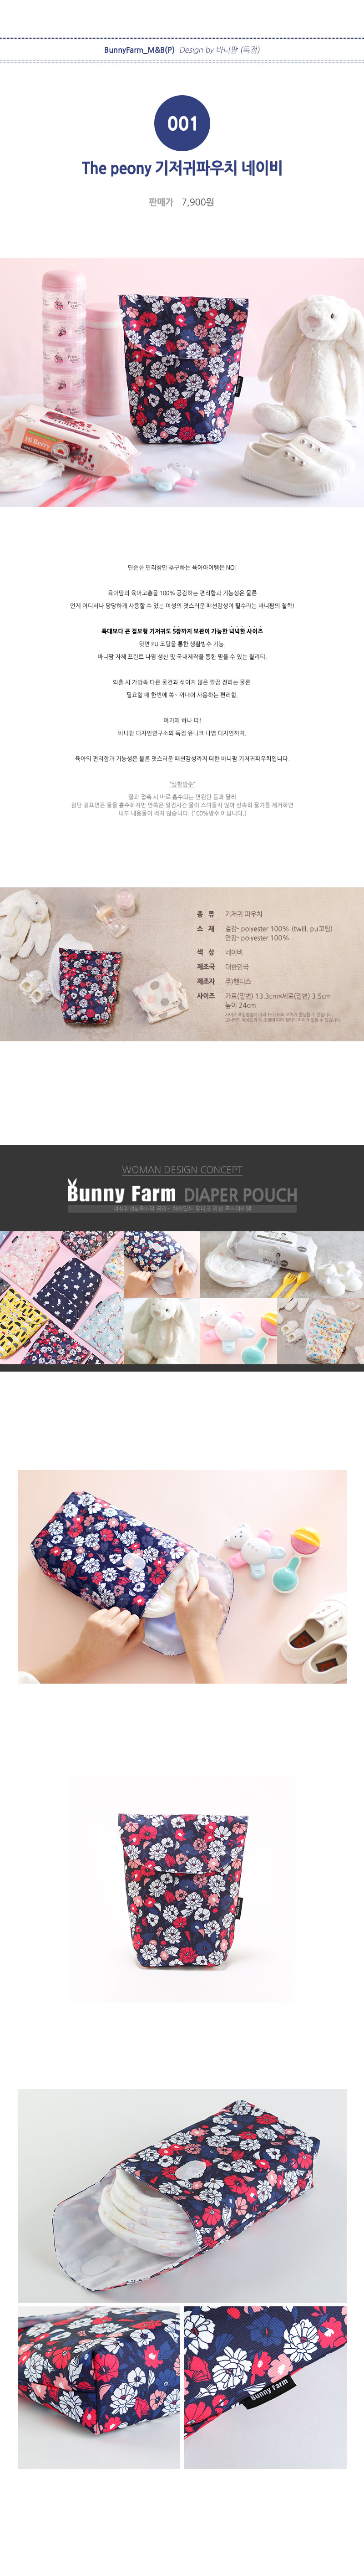 BunnyFarm(바니팜) 기저귀파우치_독점개발 감성디자인 - 바니팜, 7,900원, 파우치/보조가방, 파우치